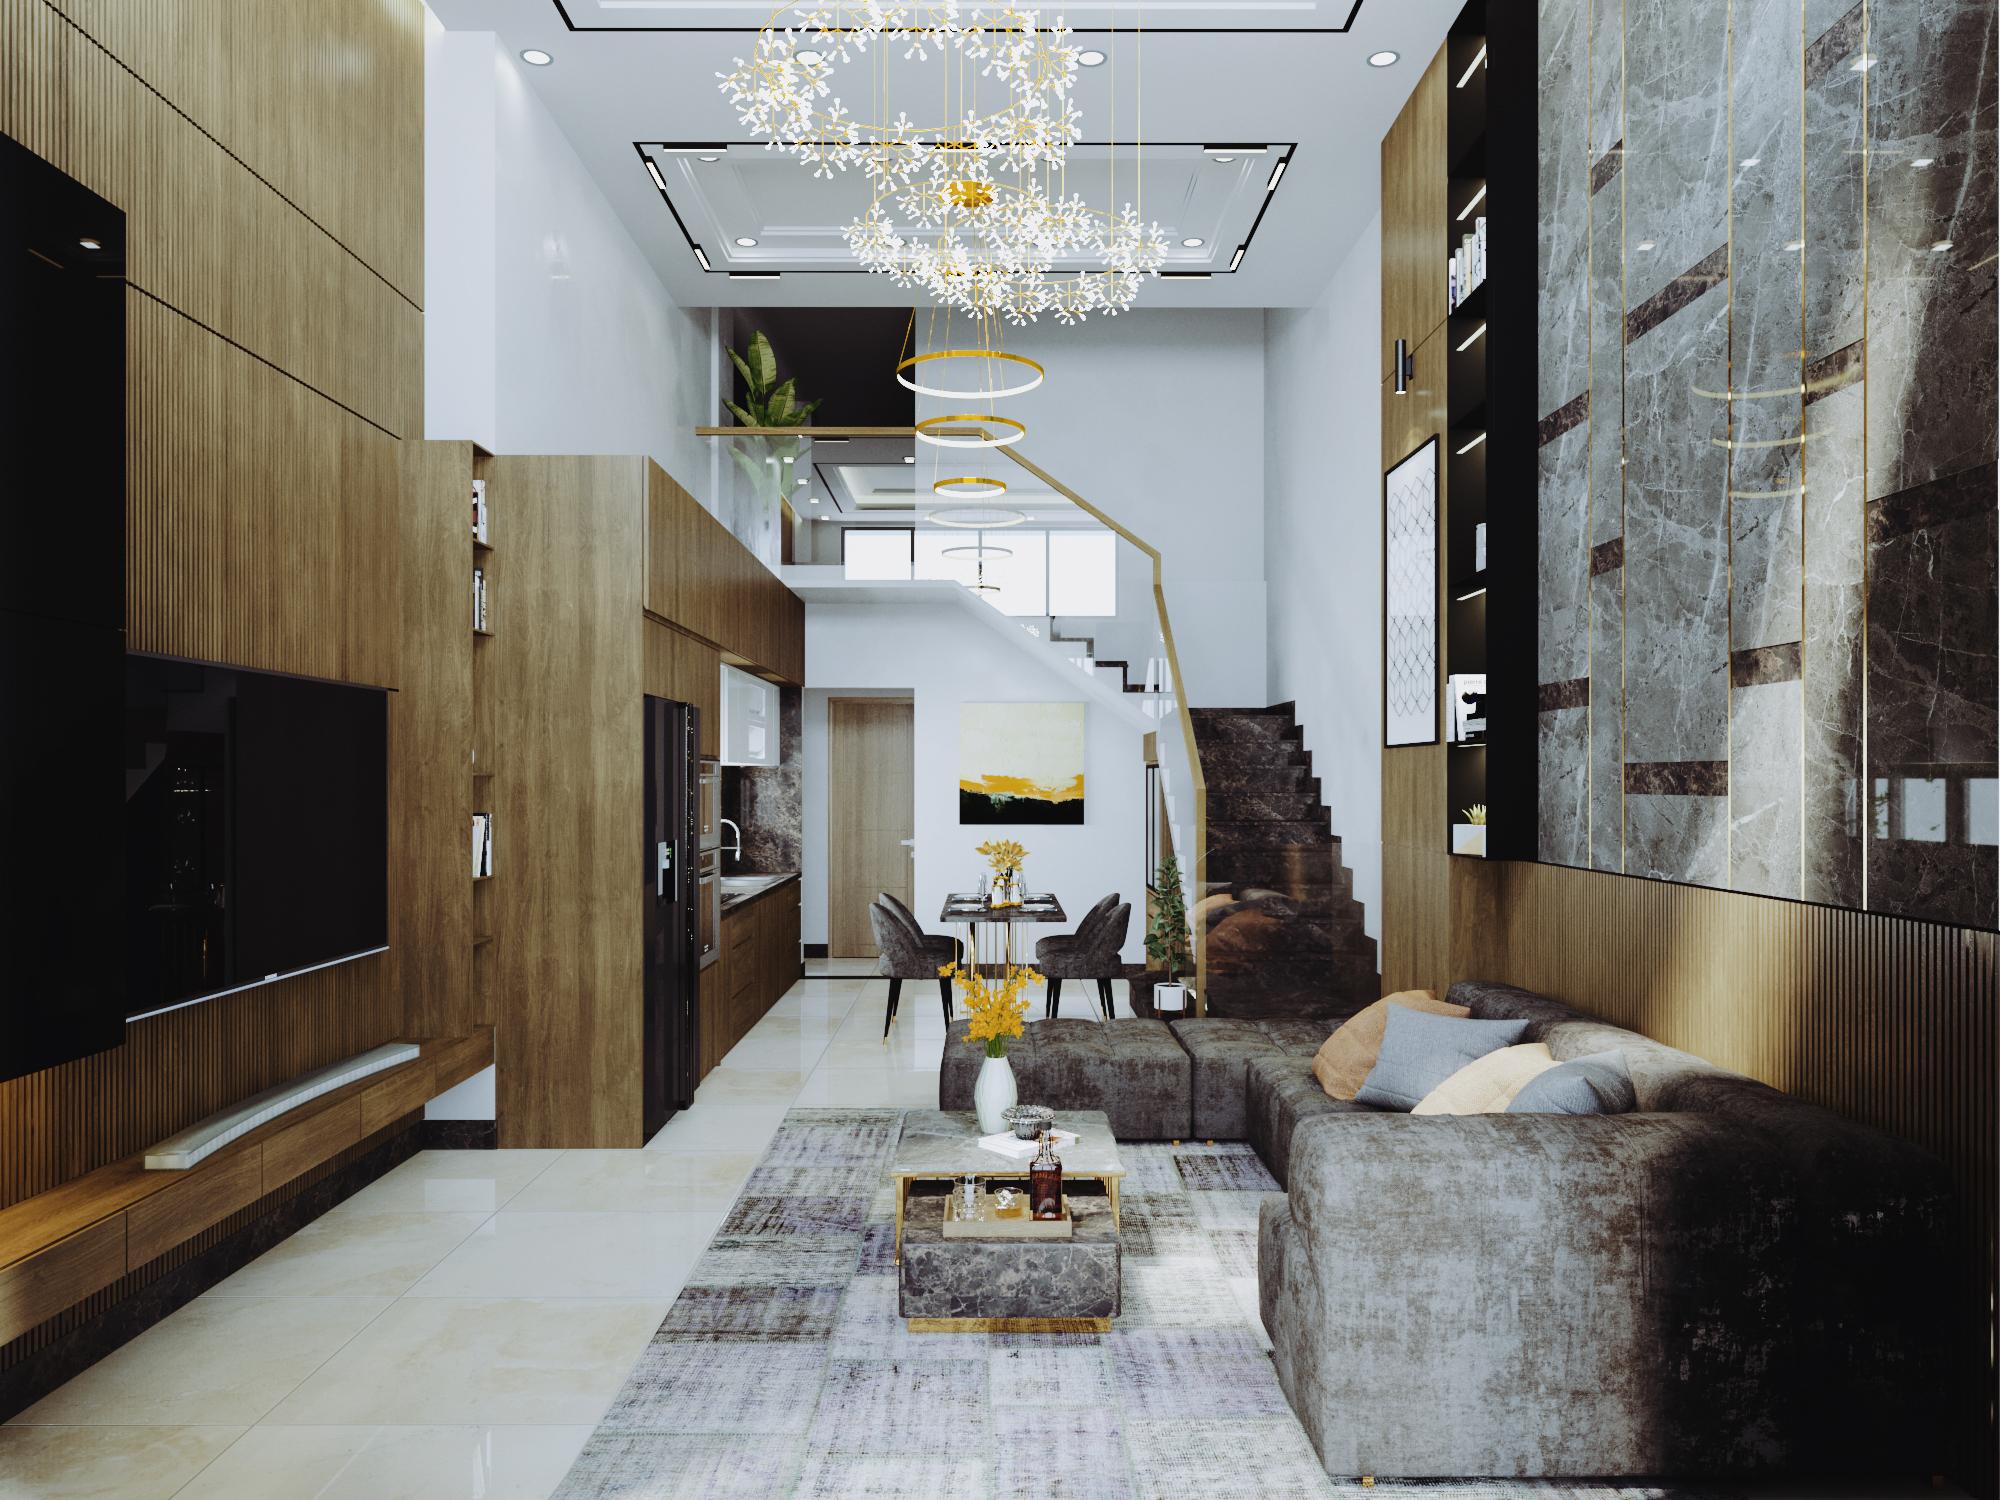 Thiết kế nội thất Nhà Mặt Phố tại Đà Nẵng Nội thất nhà phố 1591588812 0